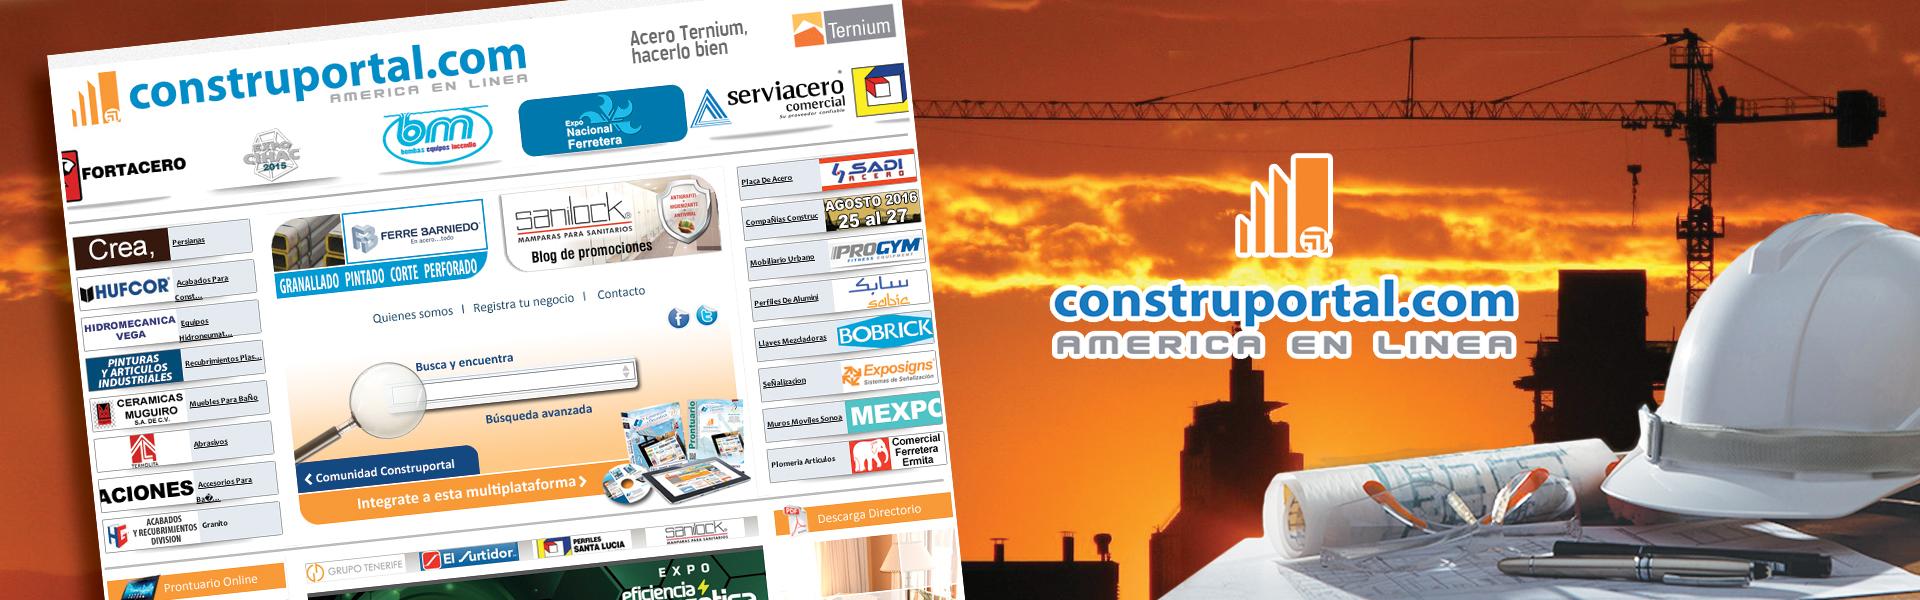 cabezal-construp3